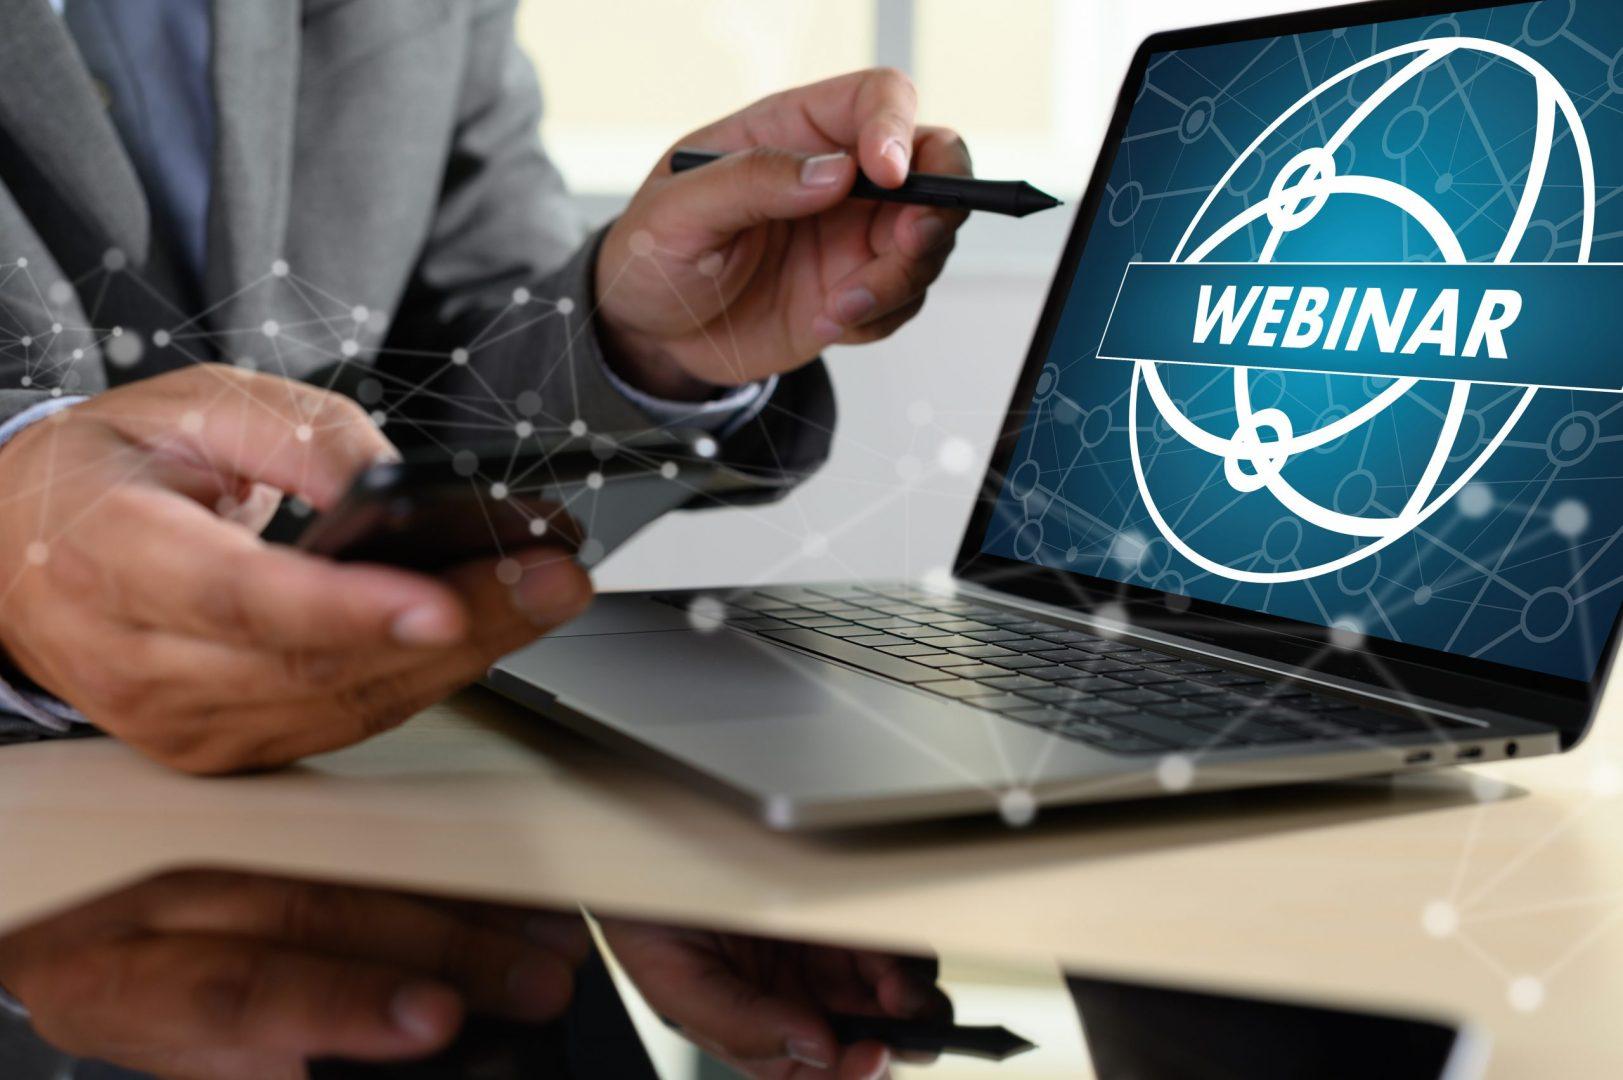 Participación en el Webinar de Cloud Management Gateway del Pasado 08 de Mayo - César Rojo y Jesús Octavio Rodríguez (MVP)